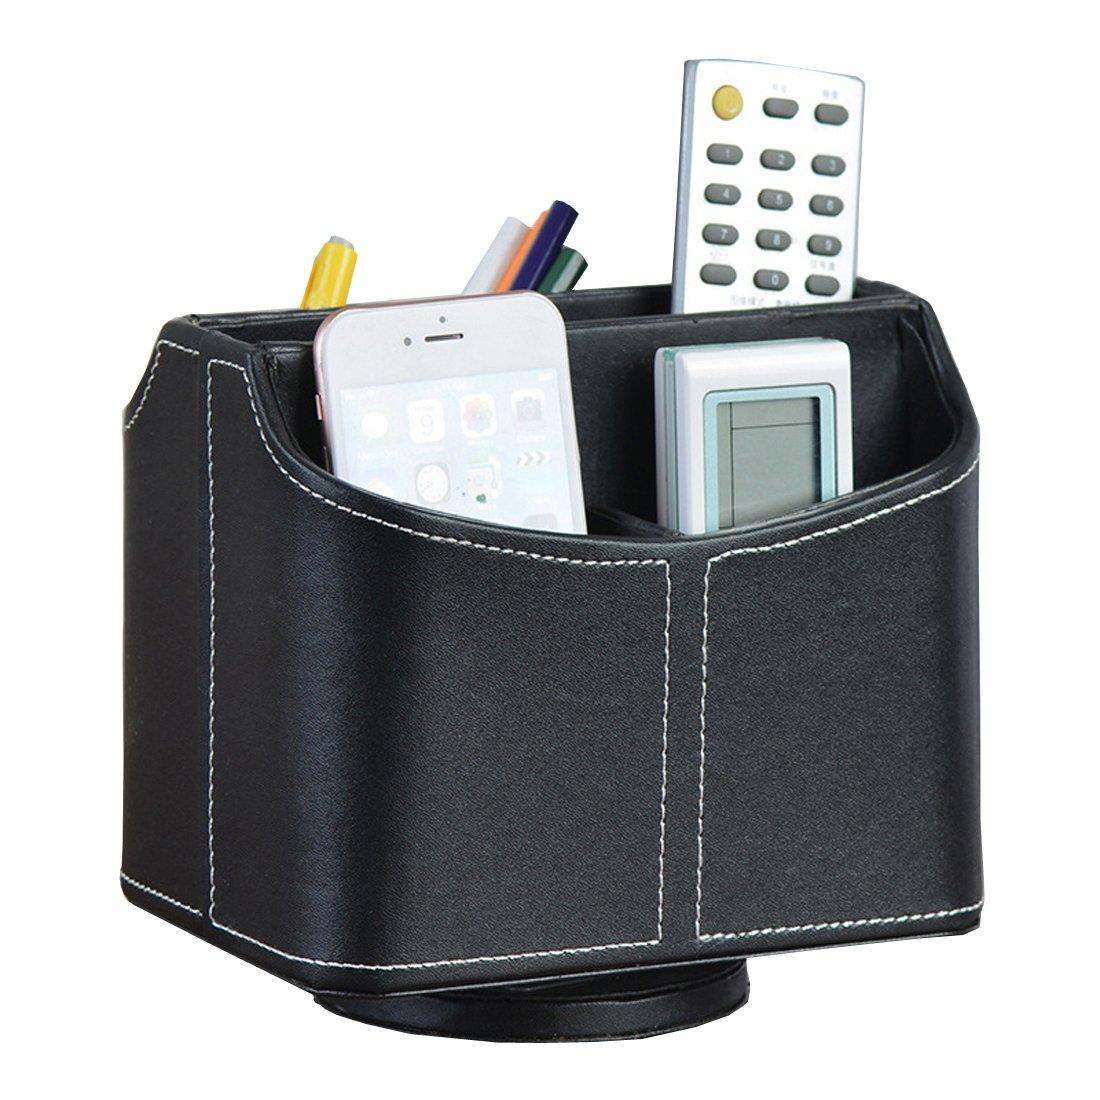 Giratorio caja de oficina almacenaje casa oficina de organizador de escritorio giratoria Bolígrafo Portalápices Contenedor Caja de joyería f62f5c